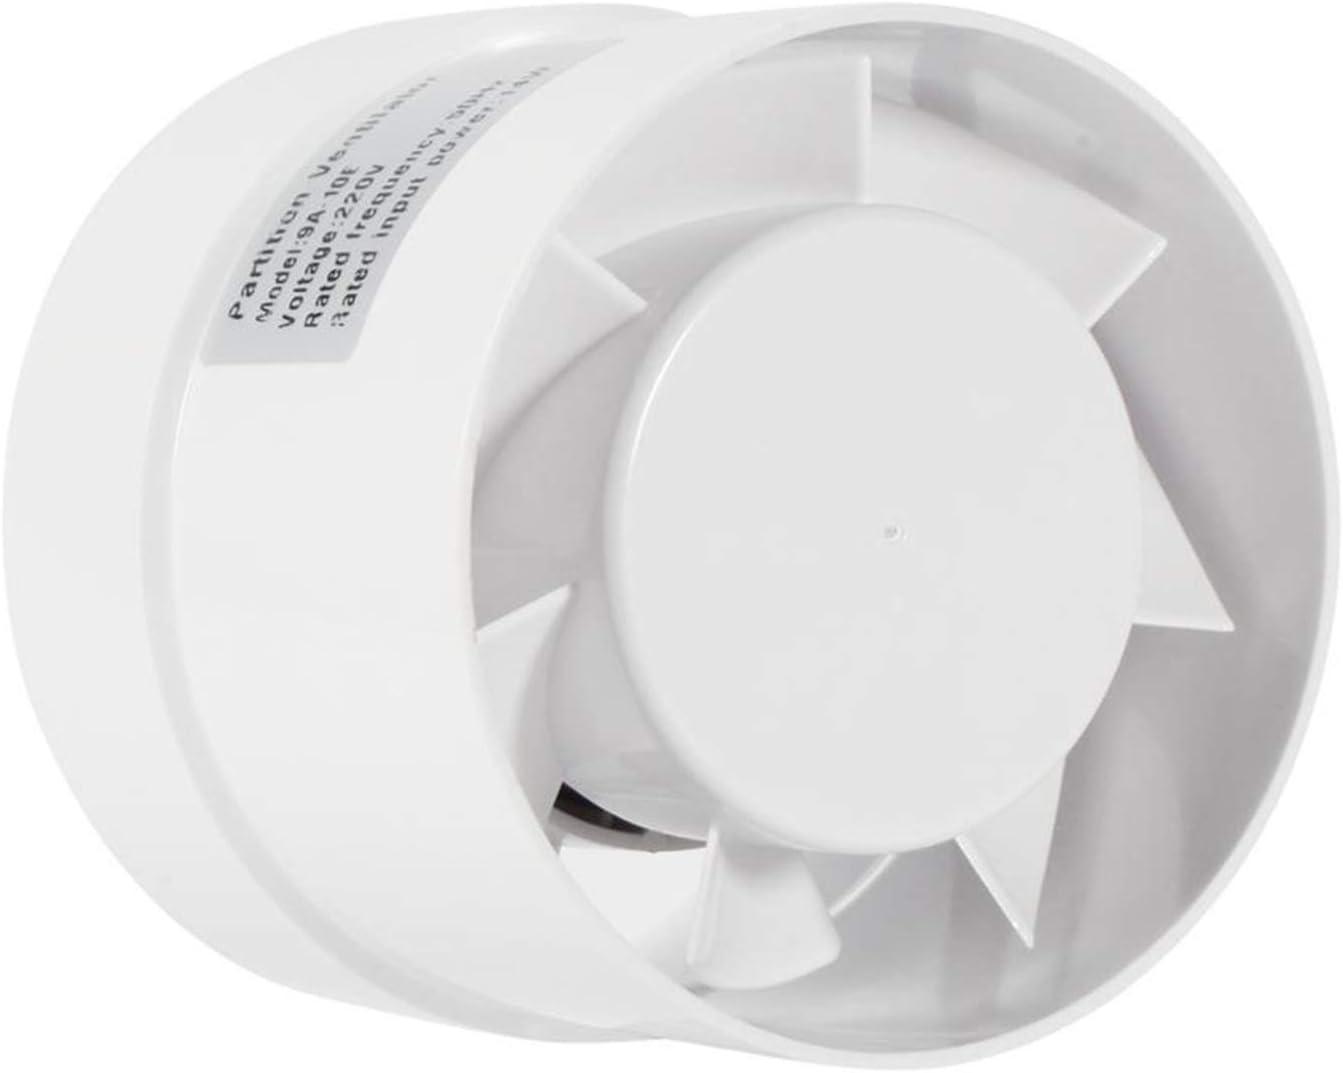 Yuhong-Vents 4/6 pulg Inicio de Escape del conducto Extractor de Aire de ventilación, ventanilla Pared de baños Ventilador WC Cocina Ventilador de ventilación 110V 220V Pared Lateral y Techo